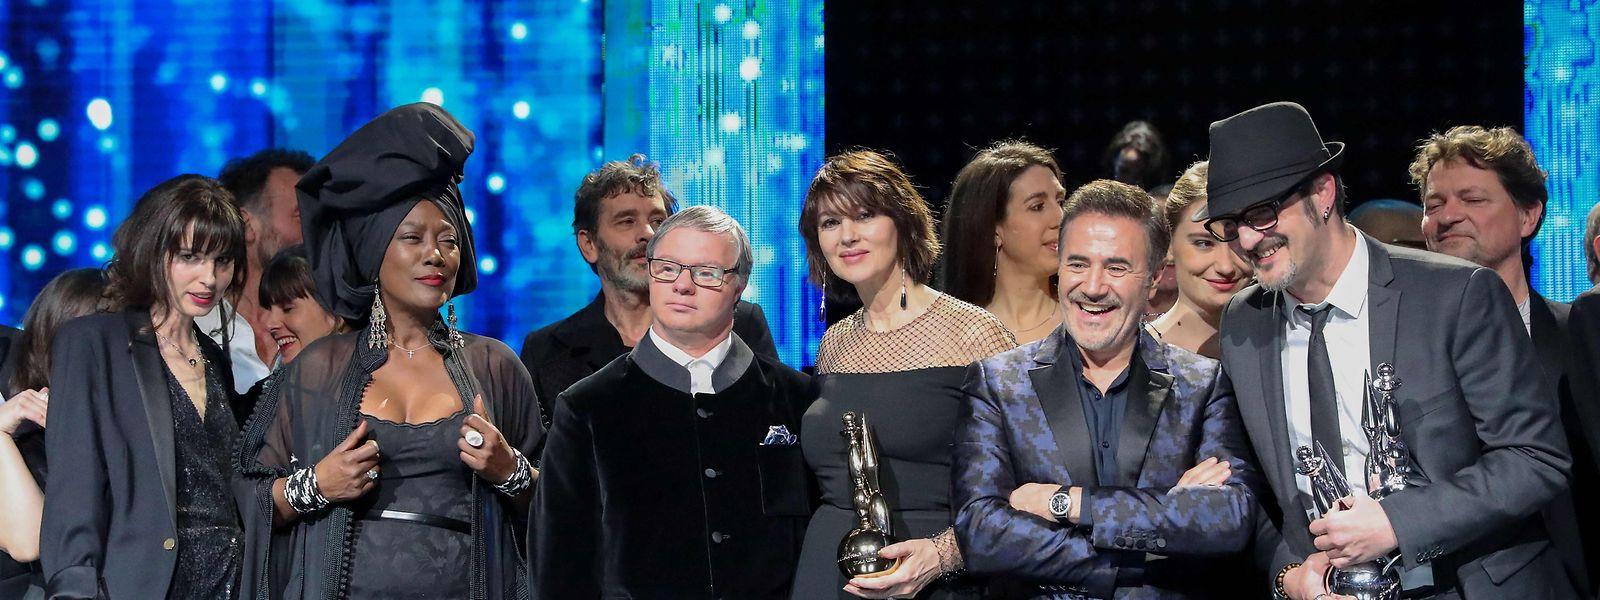 Les lauréats du Magritte du cinéma belge samedi soir à Bruxelles avec au milieu l'actrice Monica Bellucci qui s'est vu décerner le Magritte d'honneur.